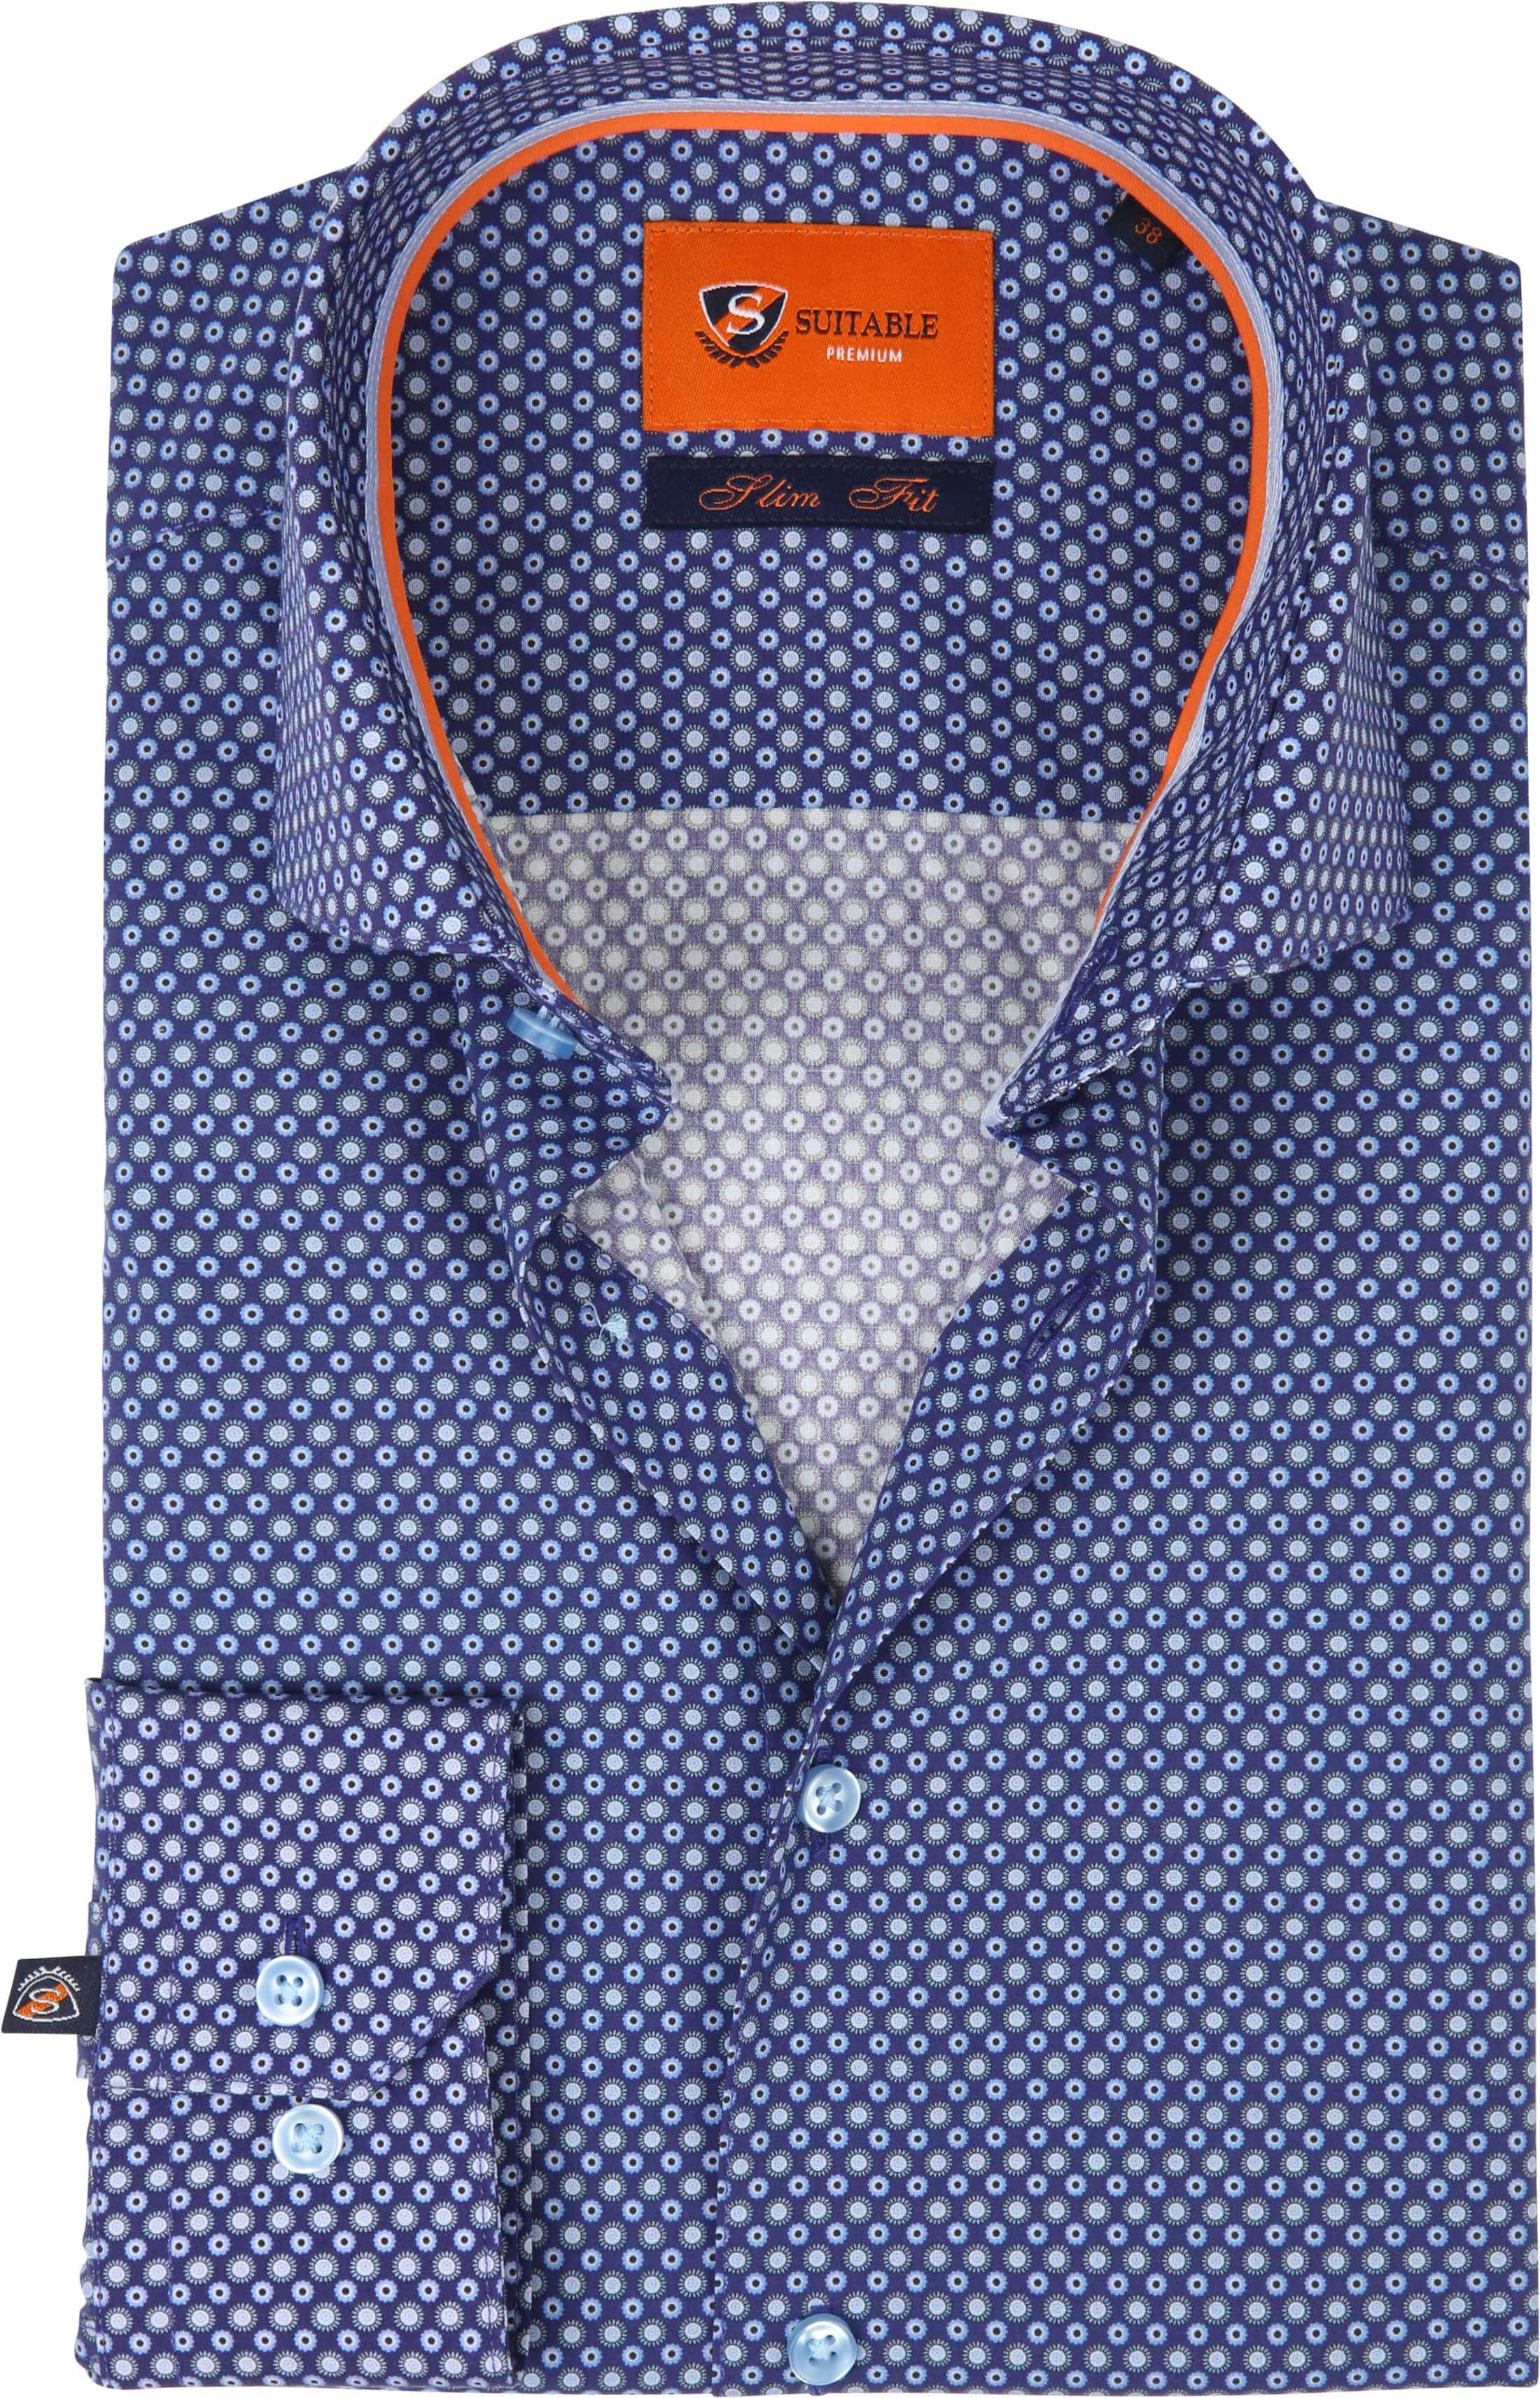 Suitable Overhemd Navy D82-04 foto 0